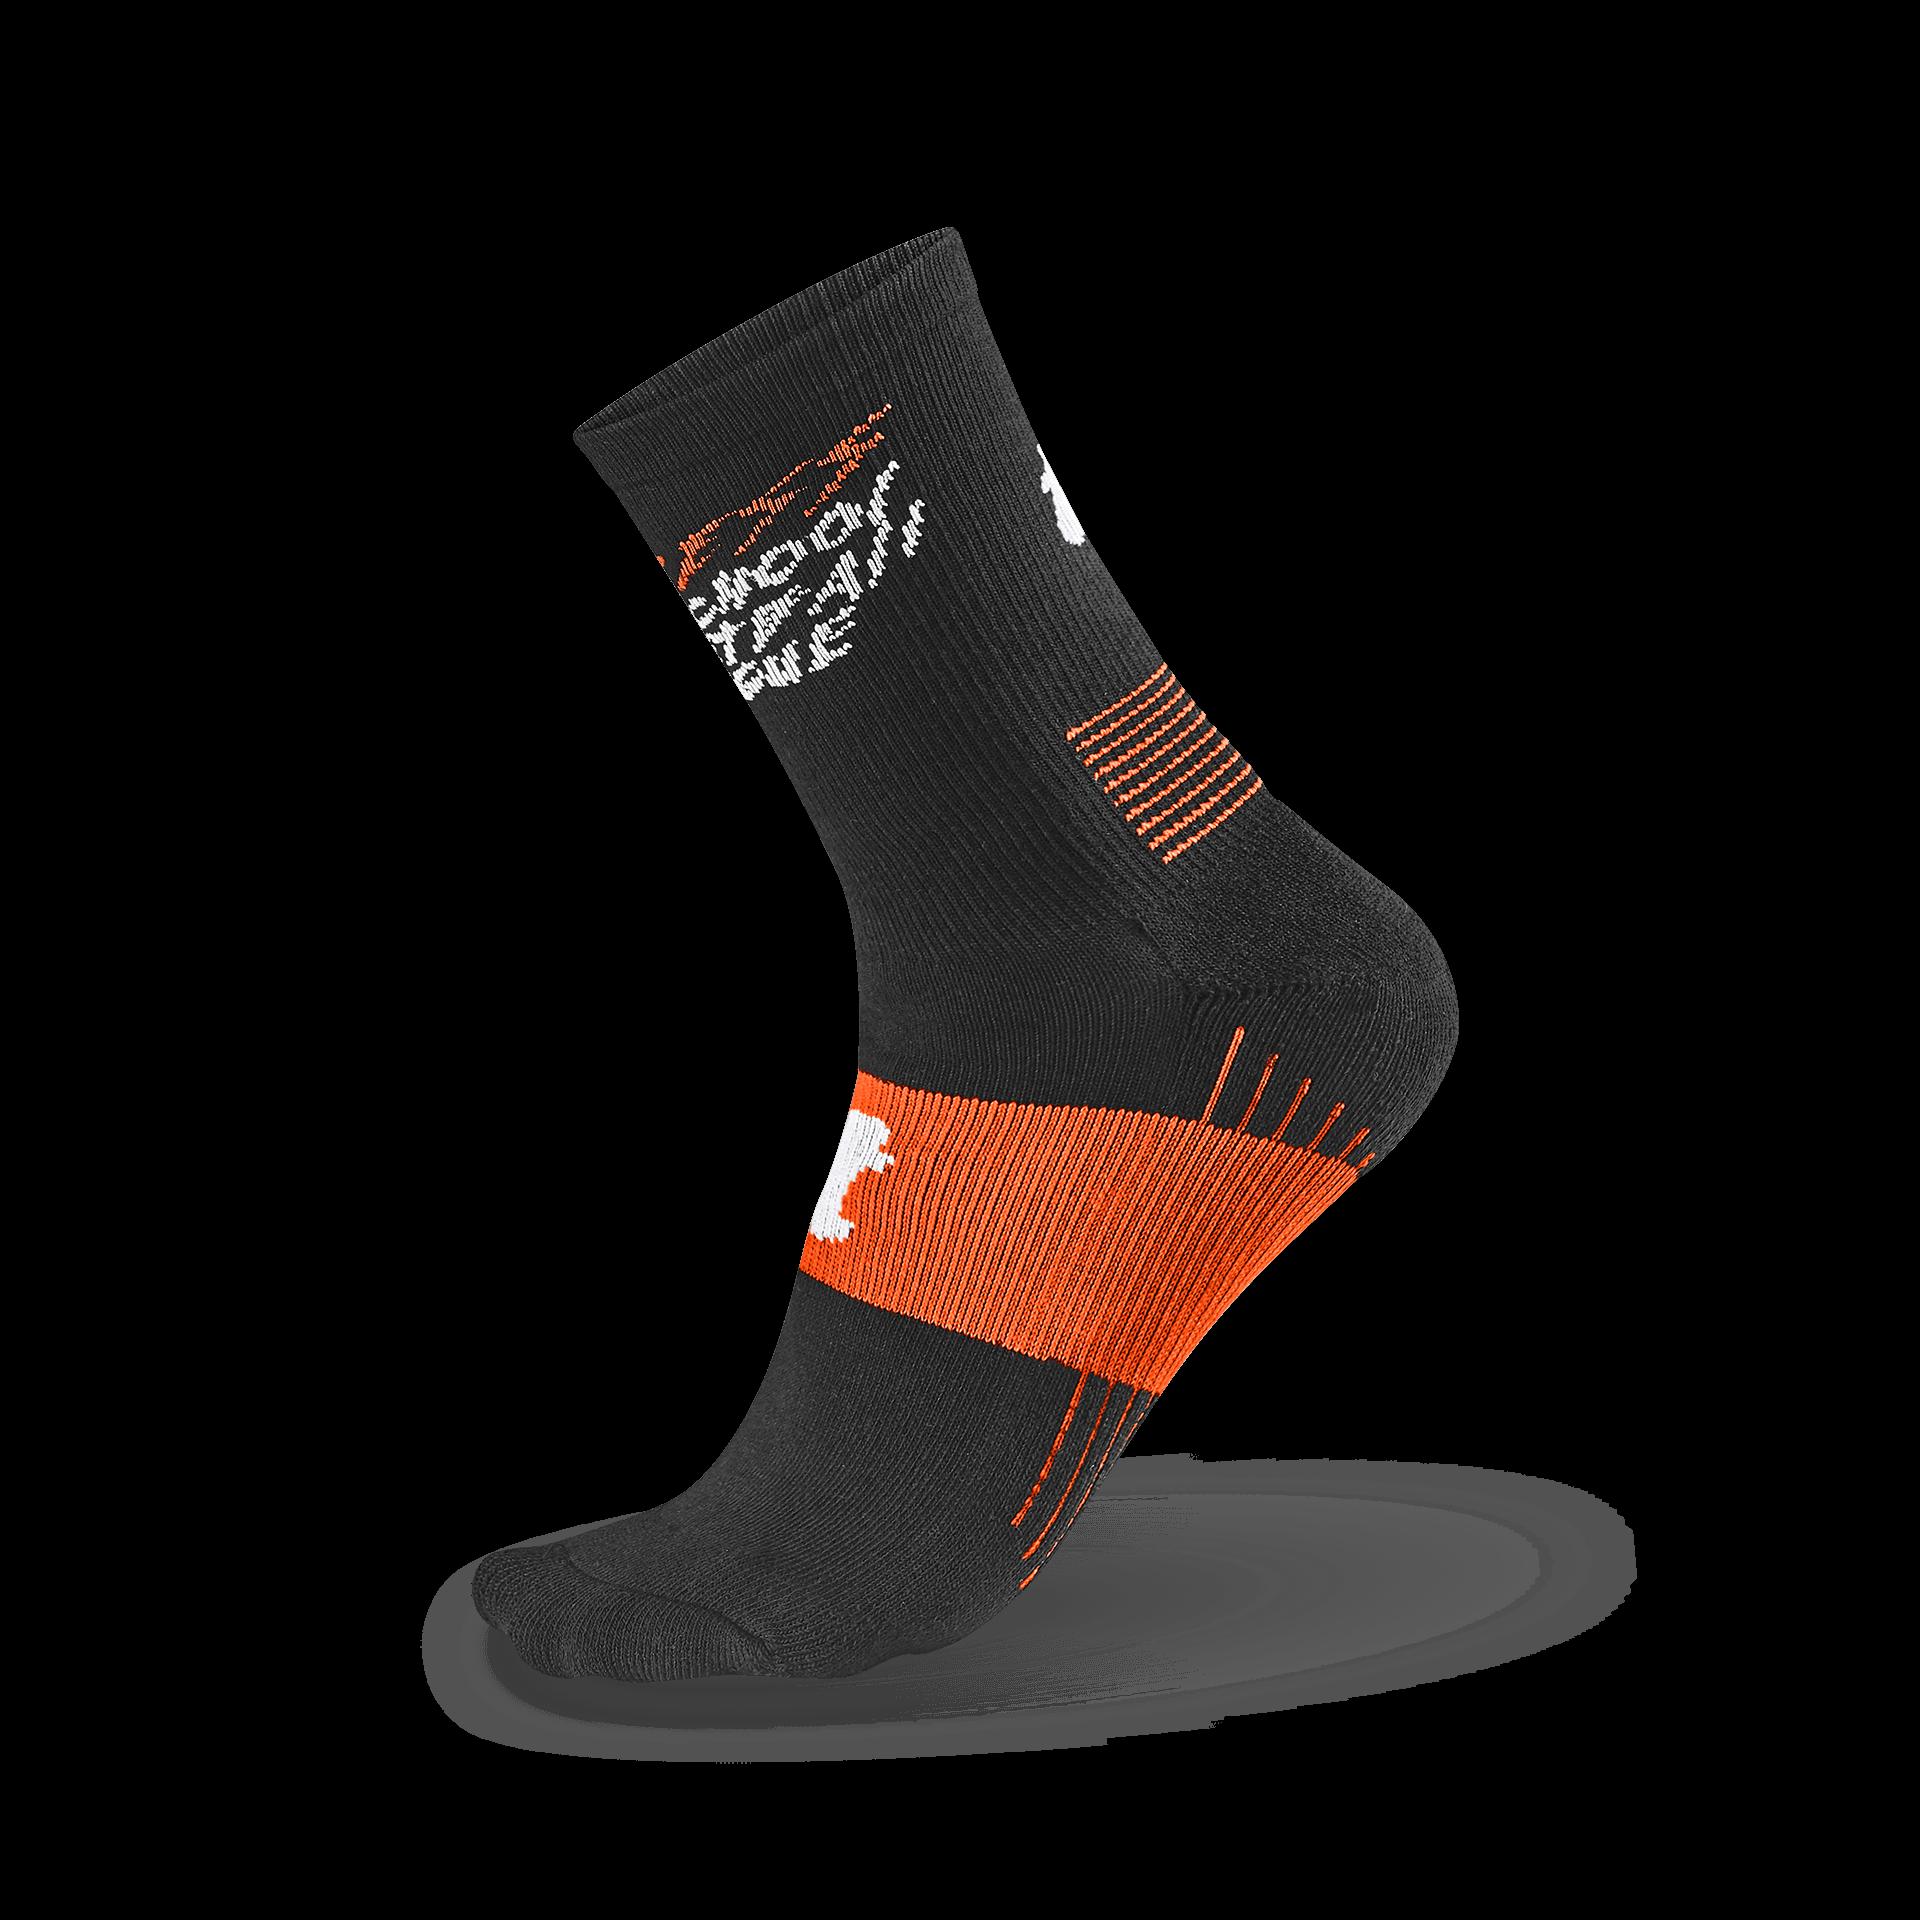 2020 HBL紀念襪